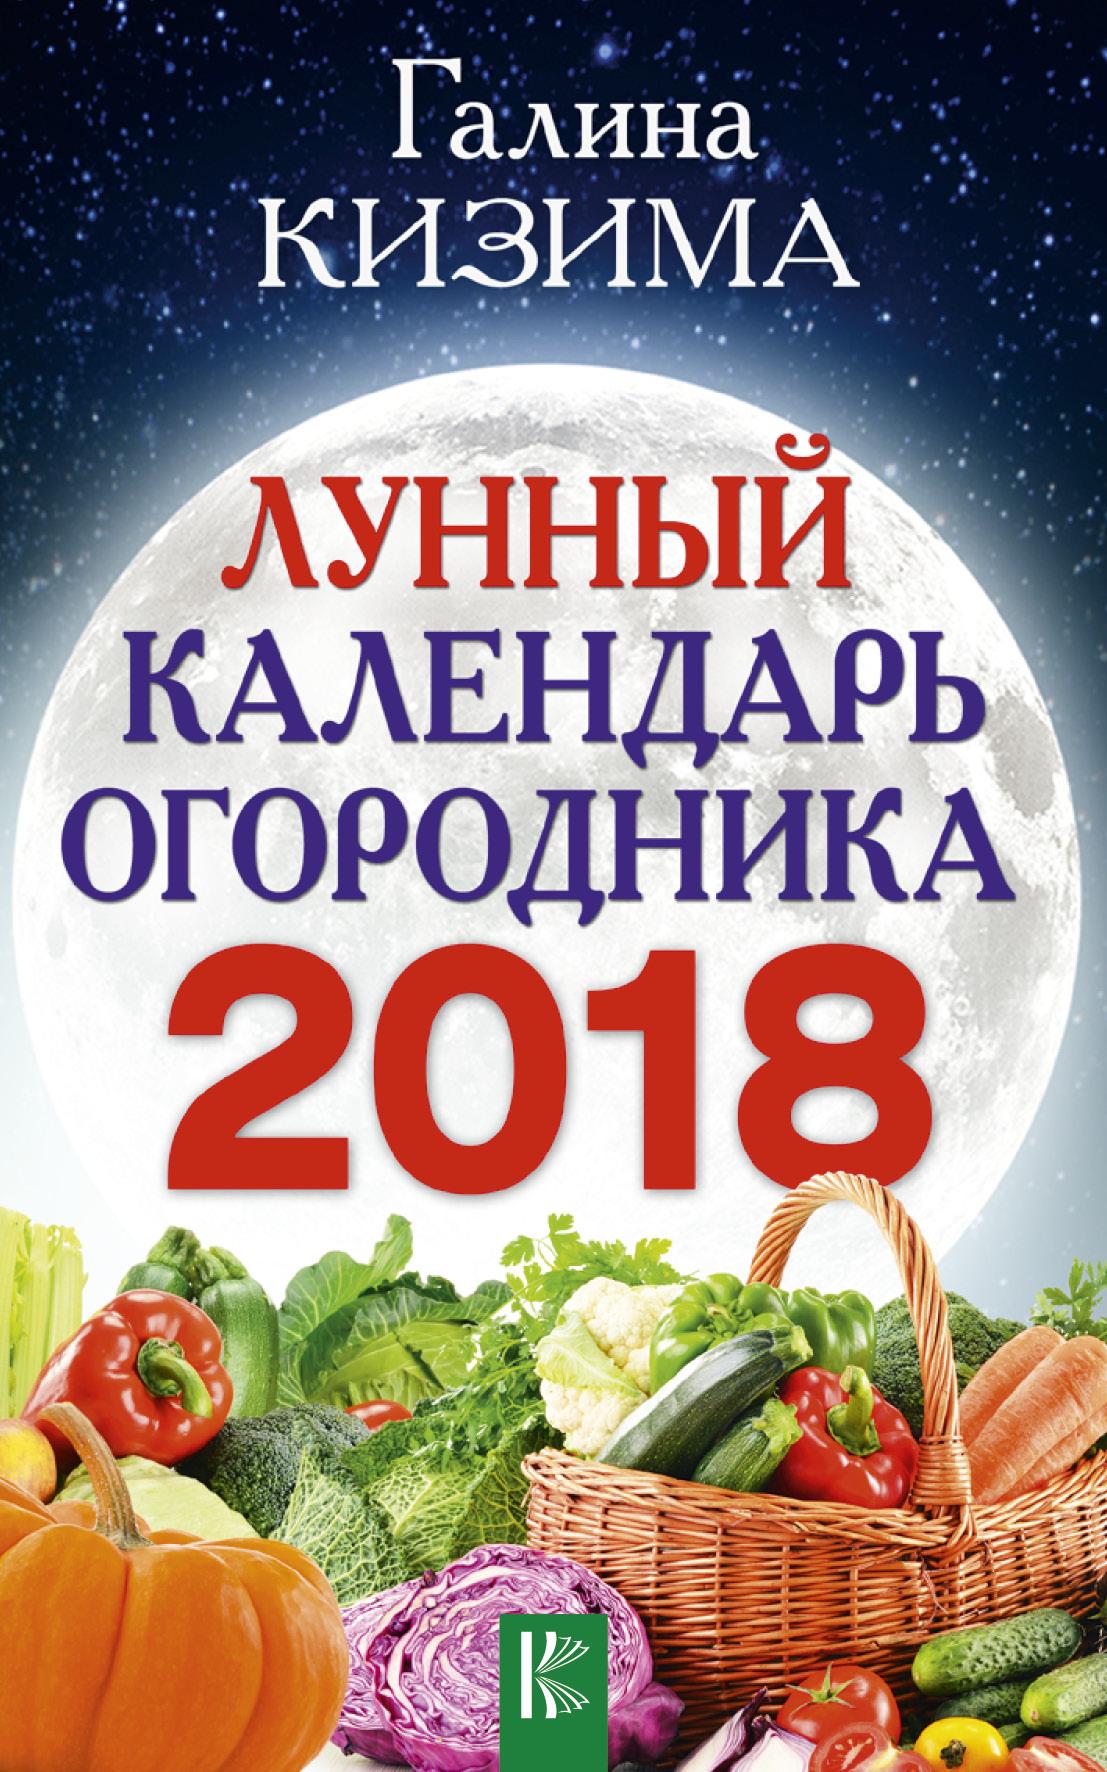 Галина Кизима Лунный календарь огородника на 2018 год пакеты для вакуумного упаковщика status vb 28х36 25